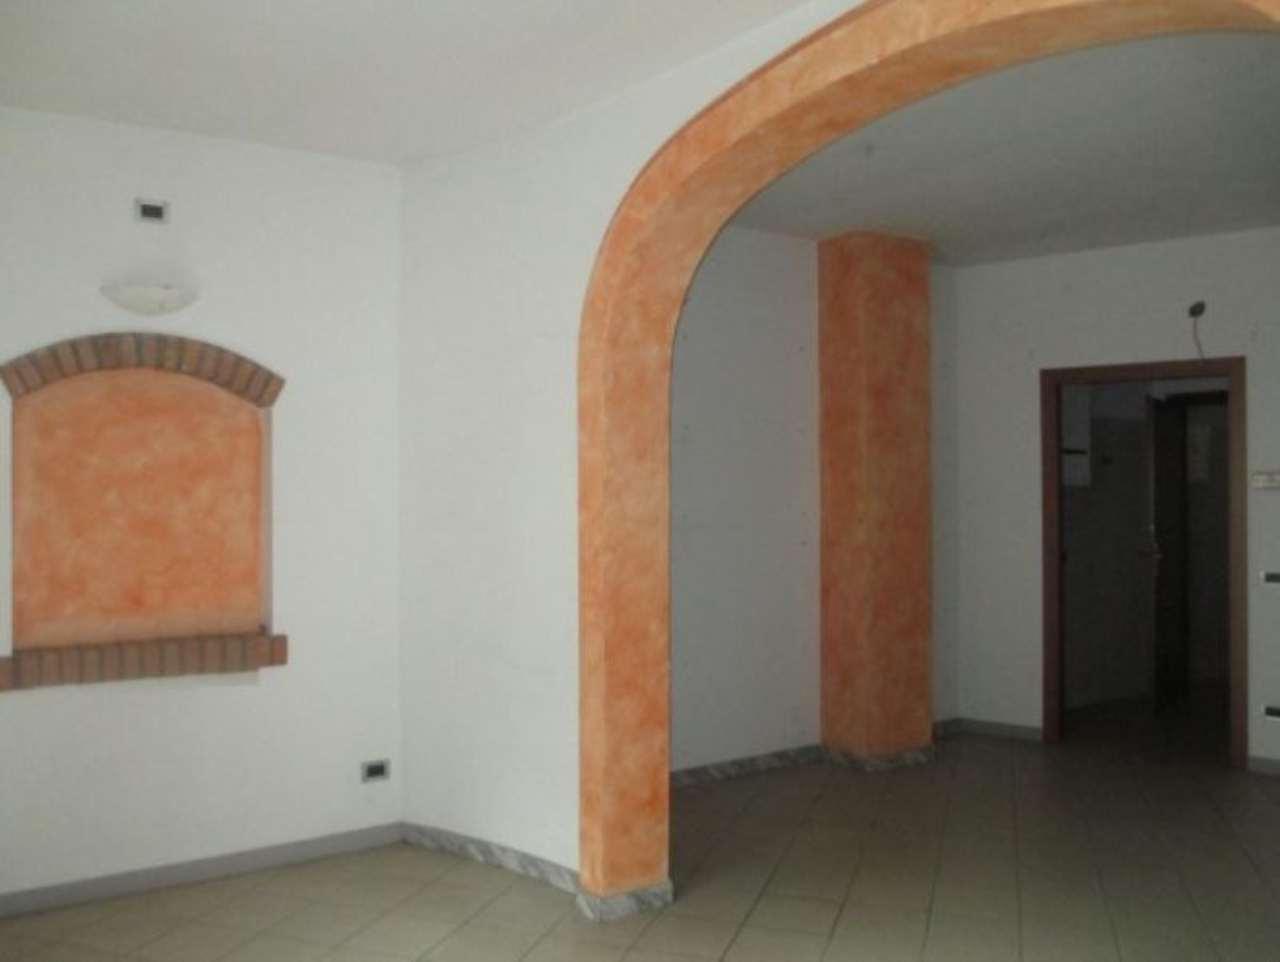 Palazzo / Stabile in vendita a Soresina, 6 locali, prezzo € 130.000   CambioCasa.it